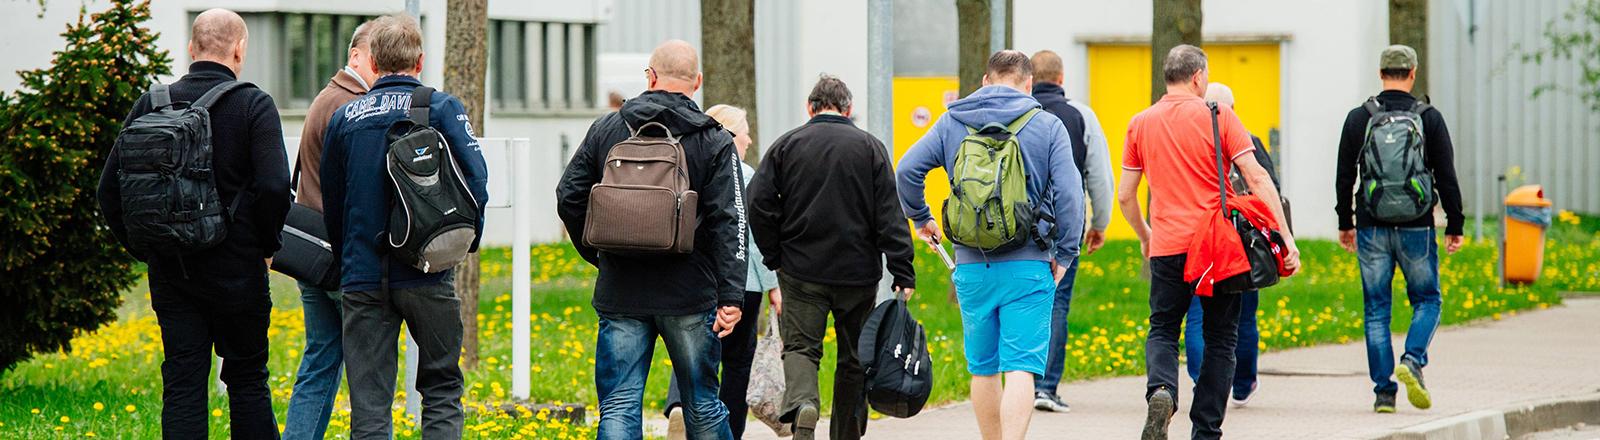 Männer mit Rucksäcken gehen eine Straße entlang.